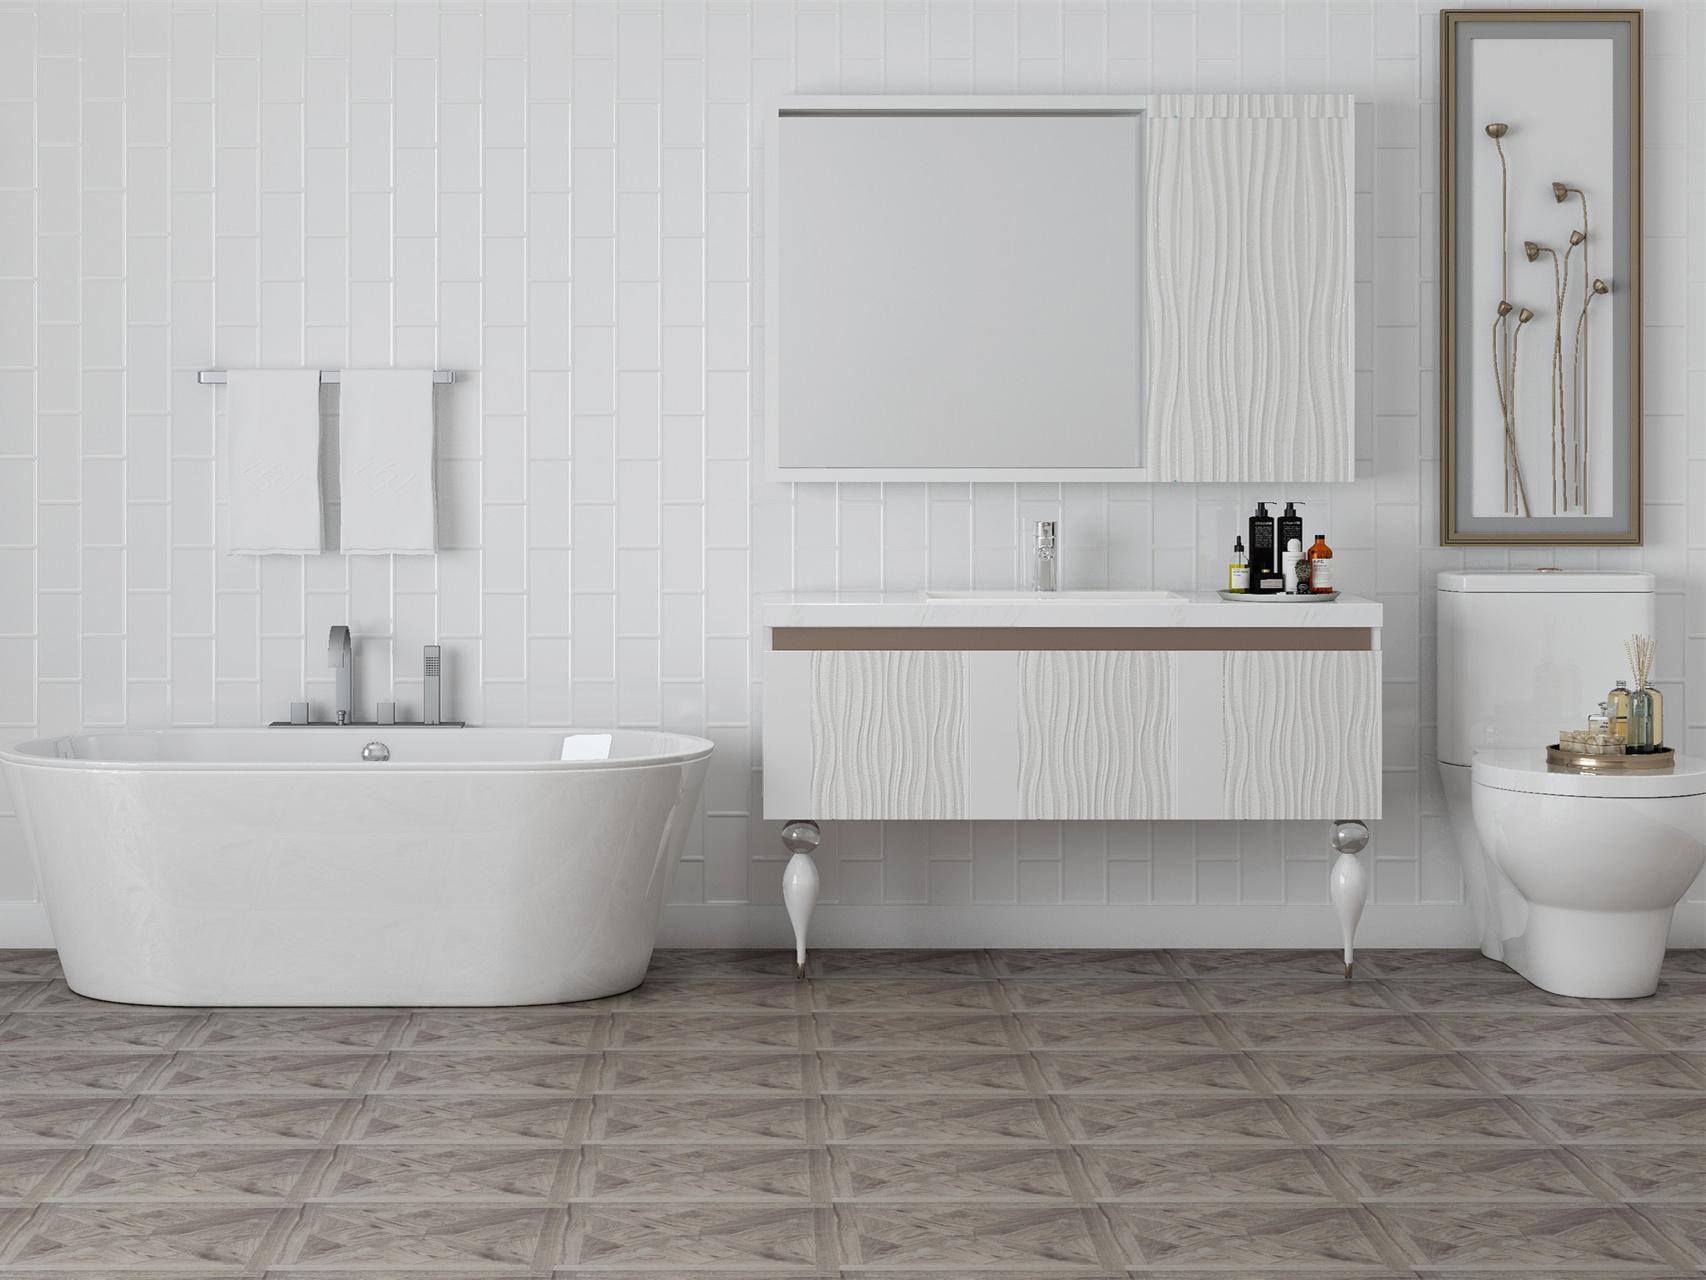 辉煌卫浴有哪些优势,辉煌卫浴都有哪些产品代表?